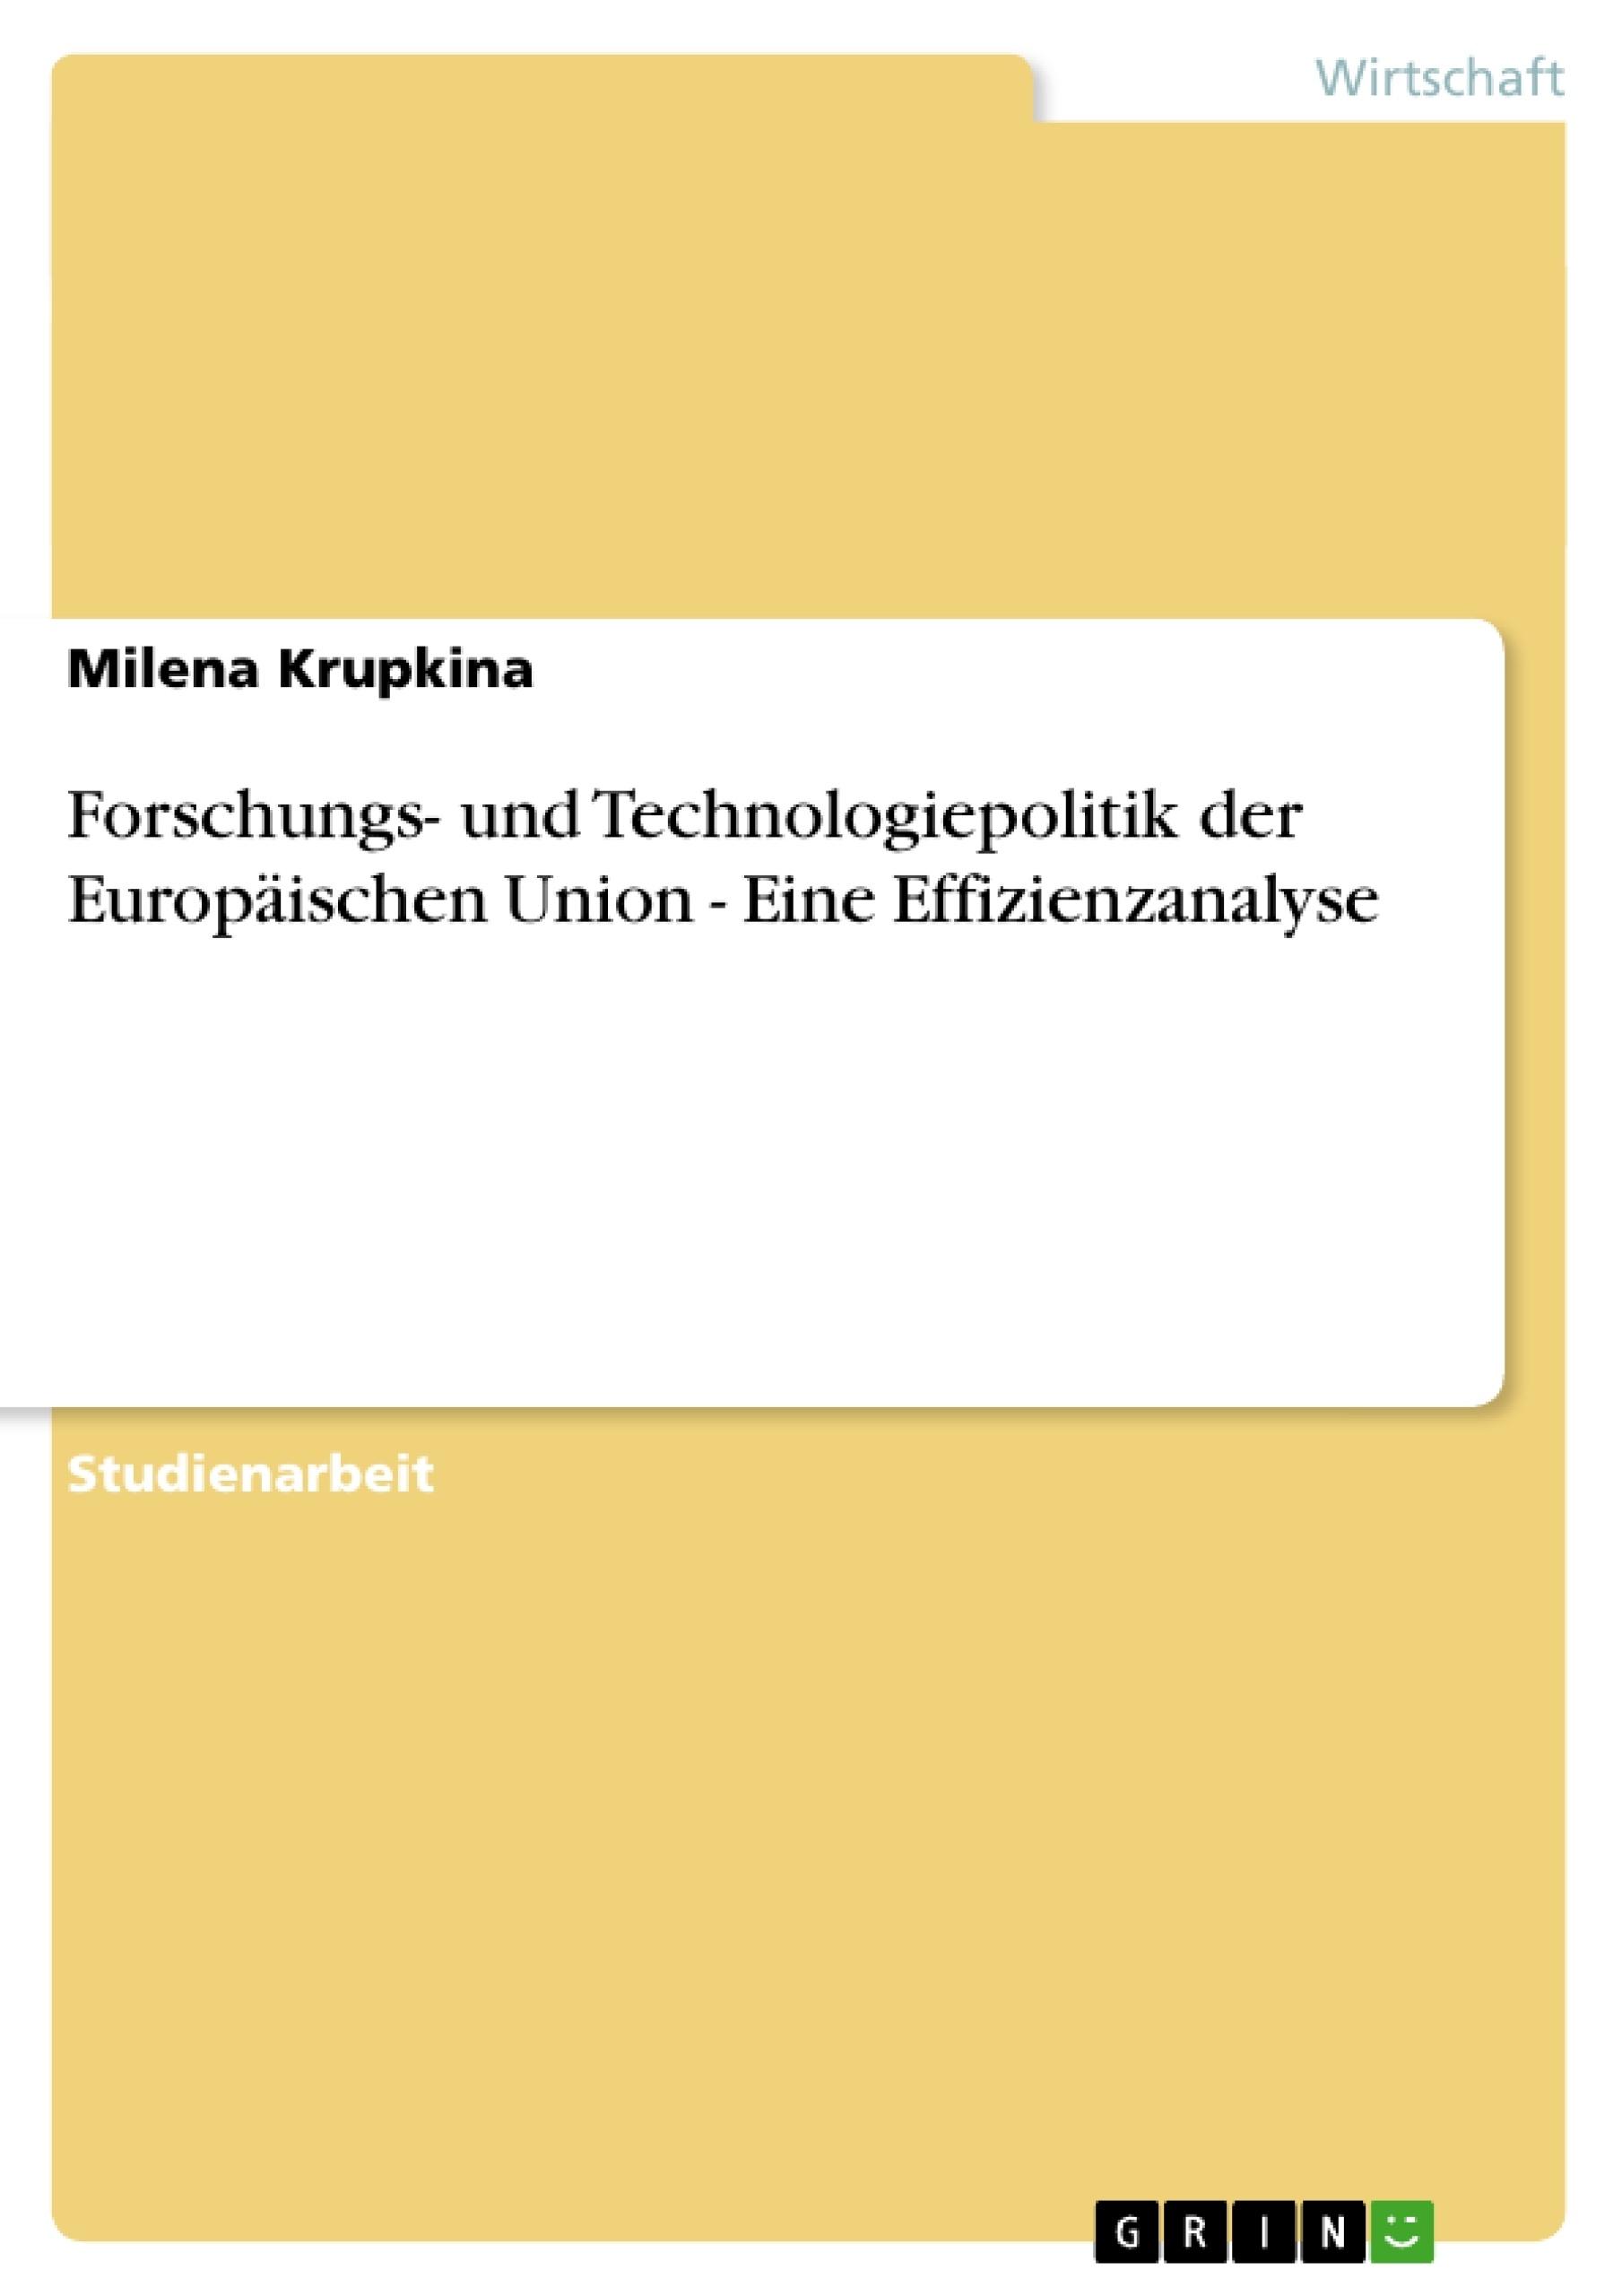 Titel: Forschungs- und Technologiepolitik der Europäischen Union - Eine Effizienzanalyse